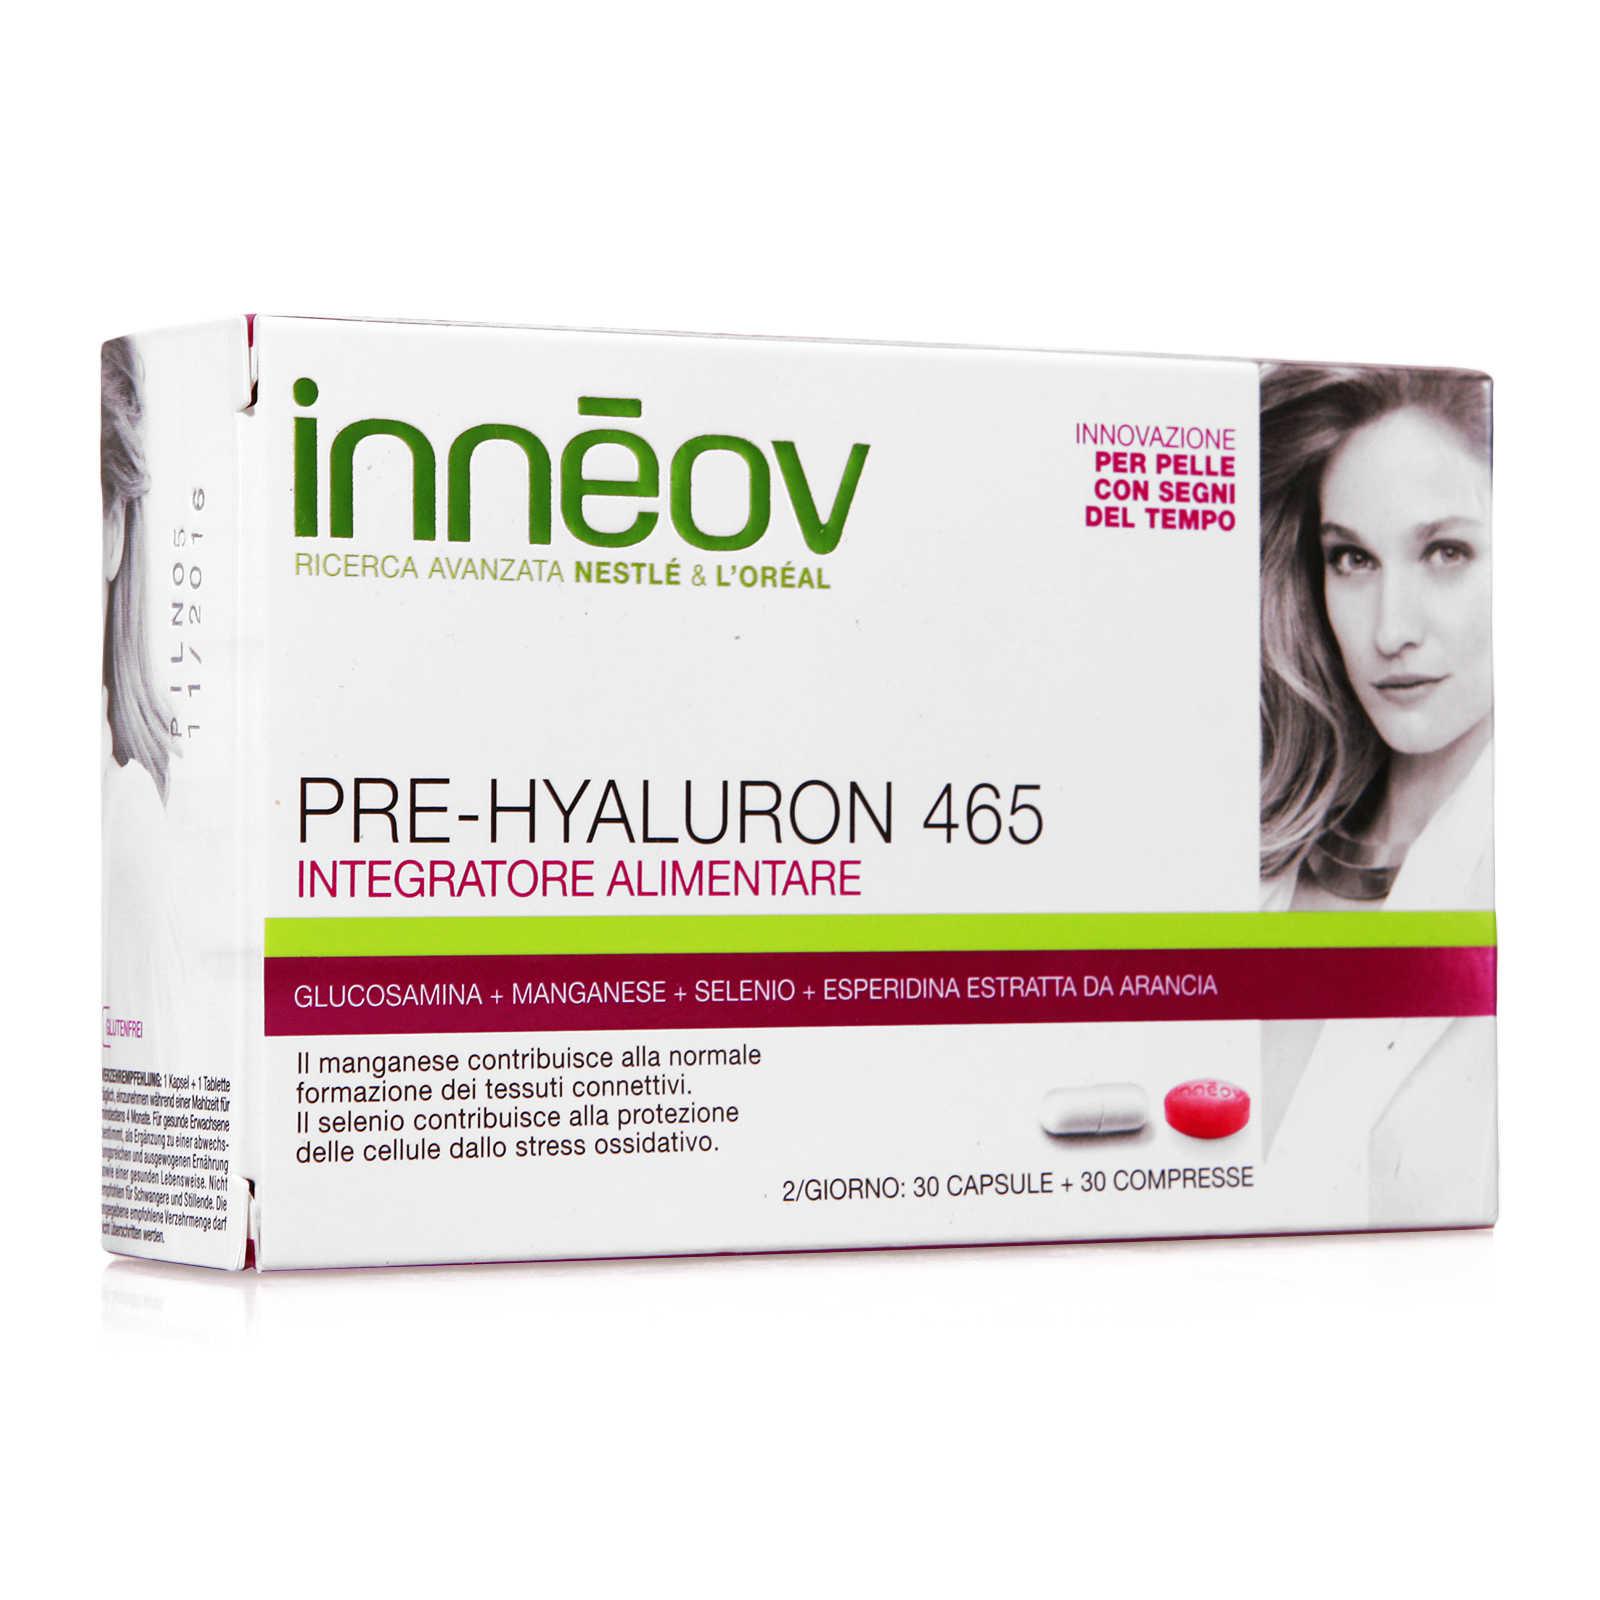 Inneov Pre-Hyaluron 465 - Integratore Alimentare